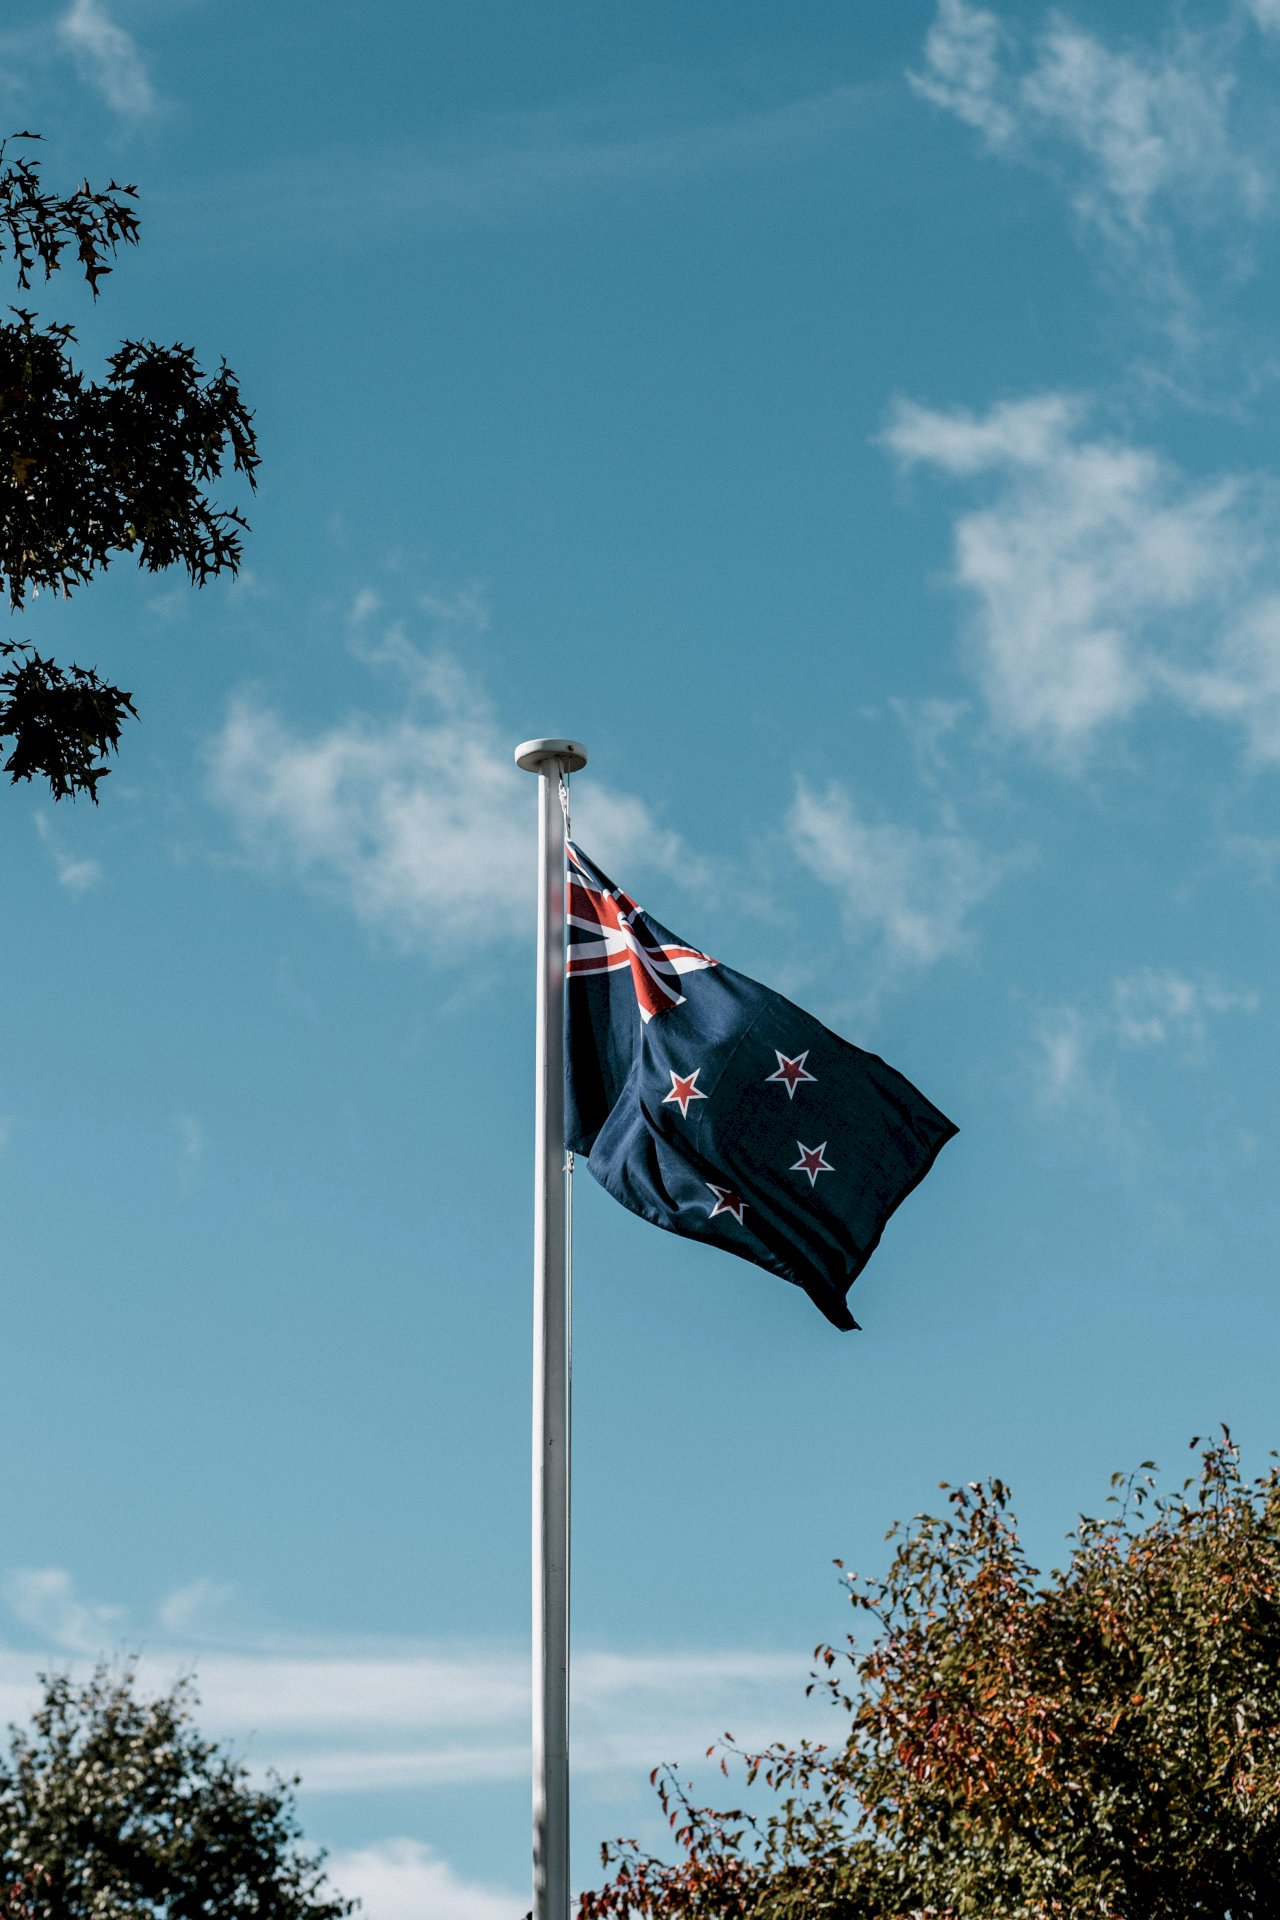 澳洲再傳群聚感染 紐西蘭喊停旅遊泡泡